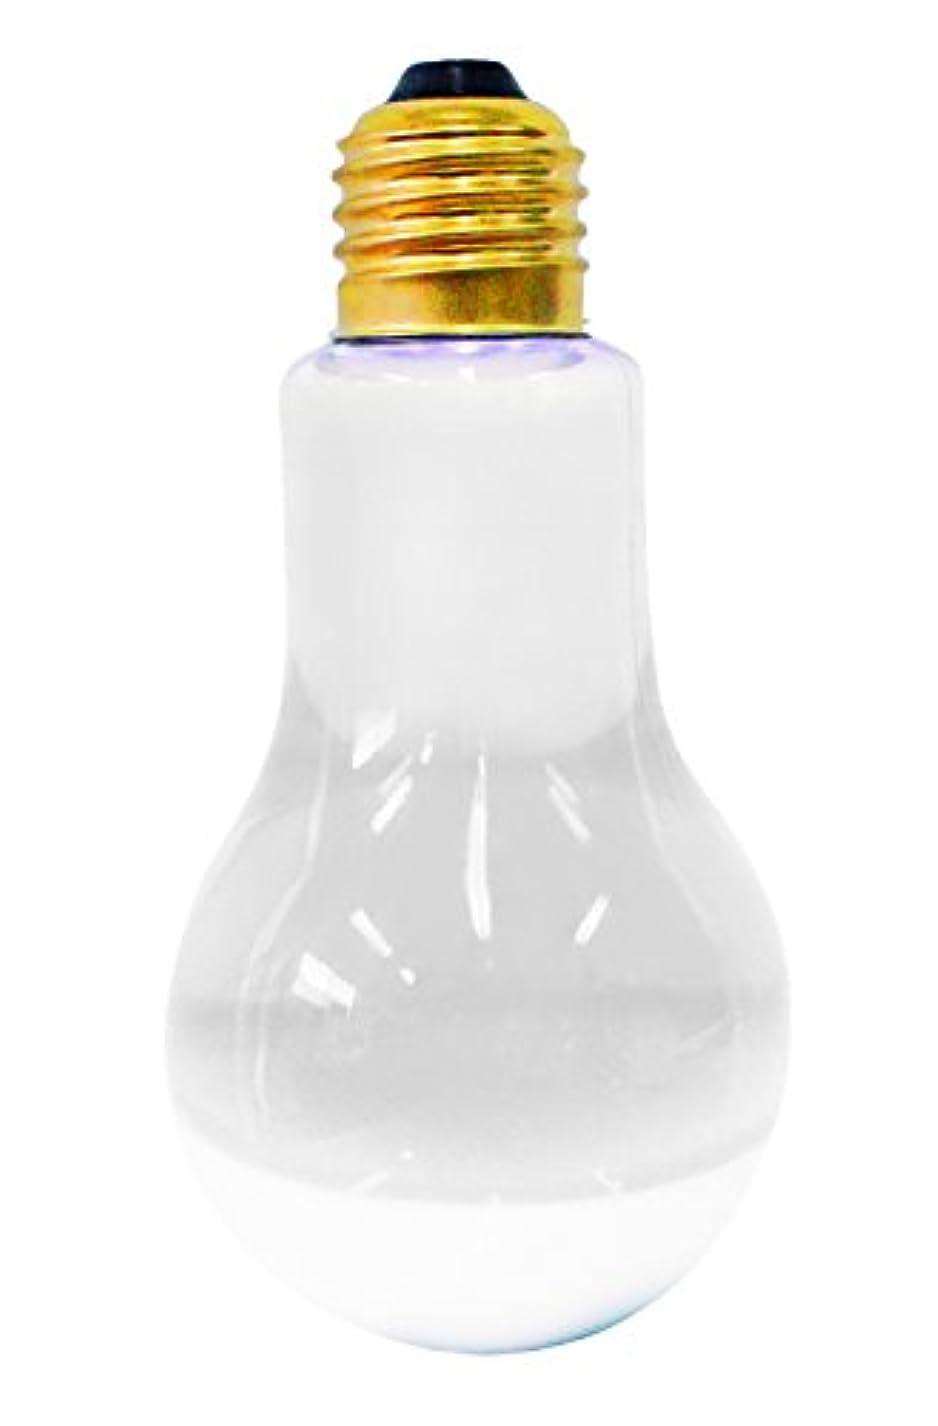 確執見える殺人ピュア 入浴剤 電球とろぴかバス バニラ